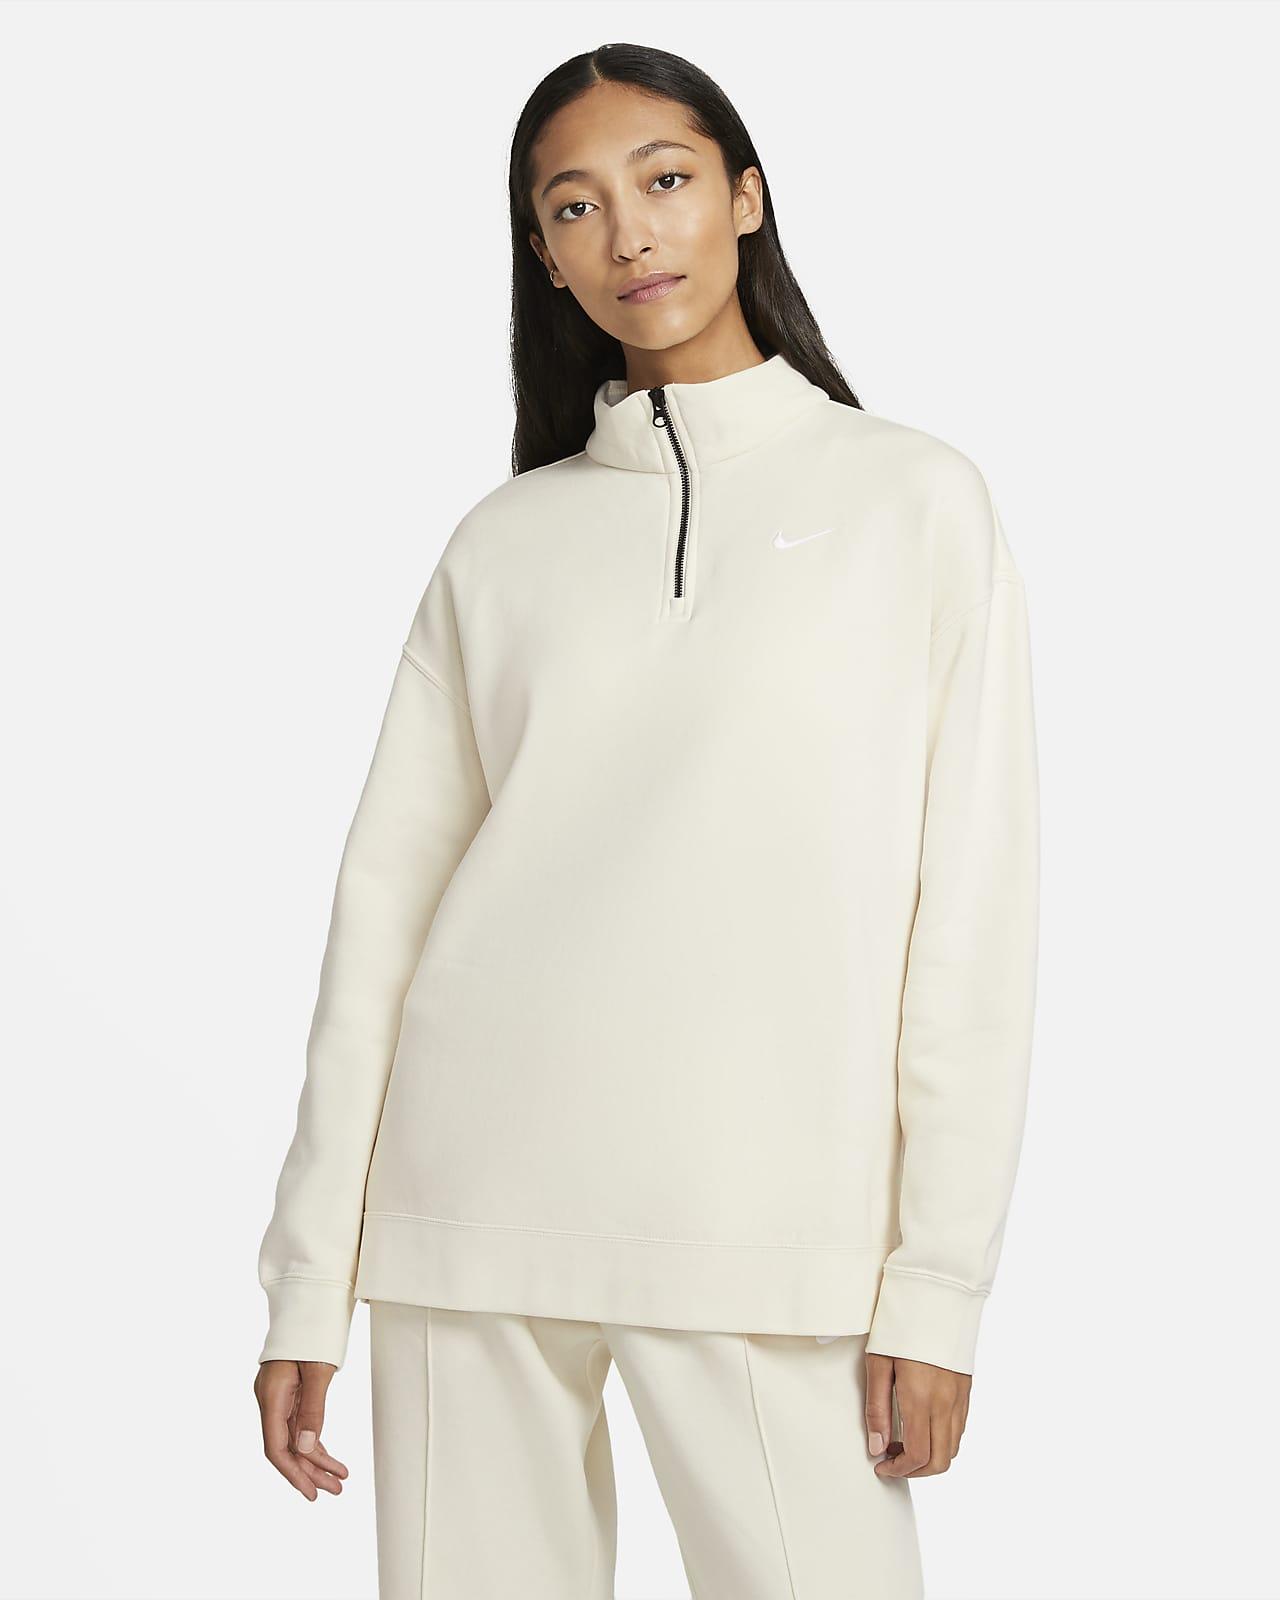 Nike Sportswear Women's 1/4-Zip Fleece